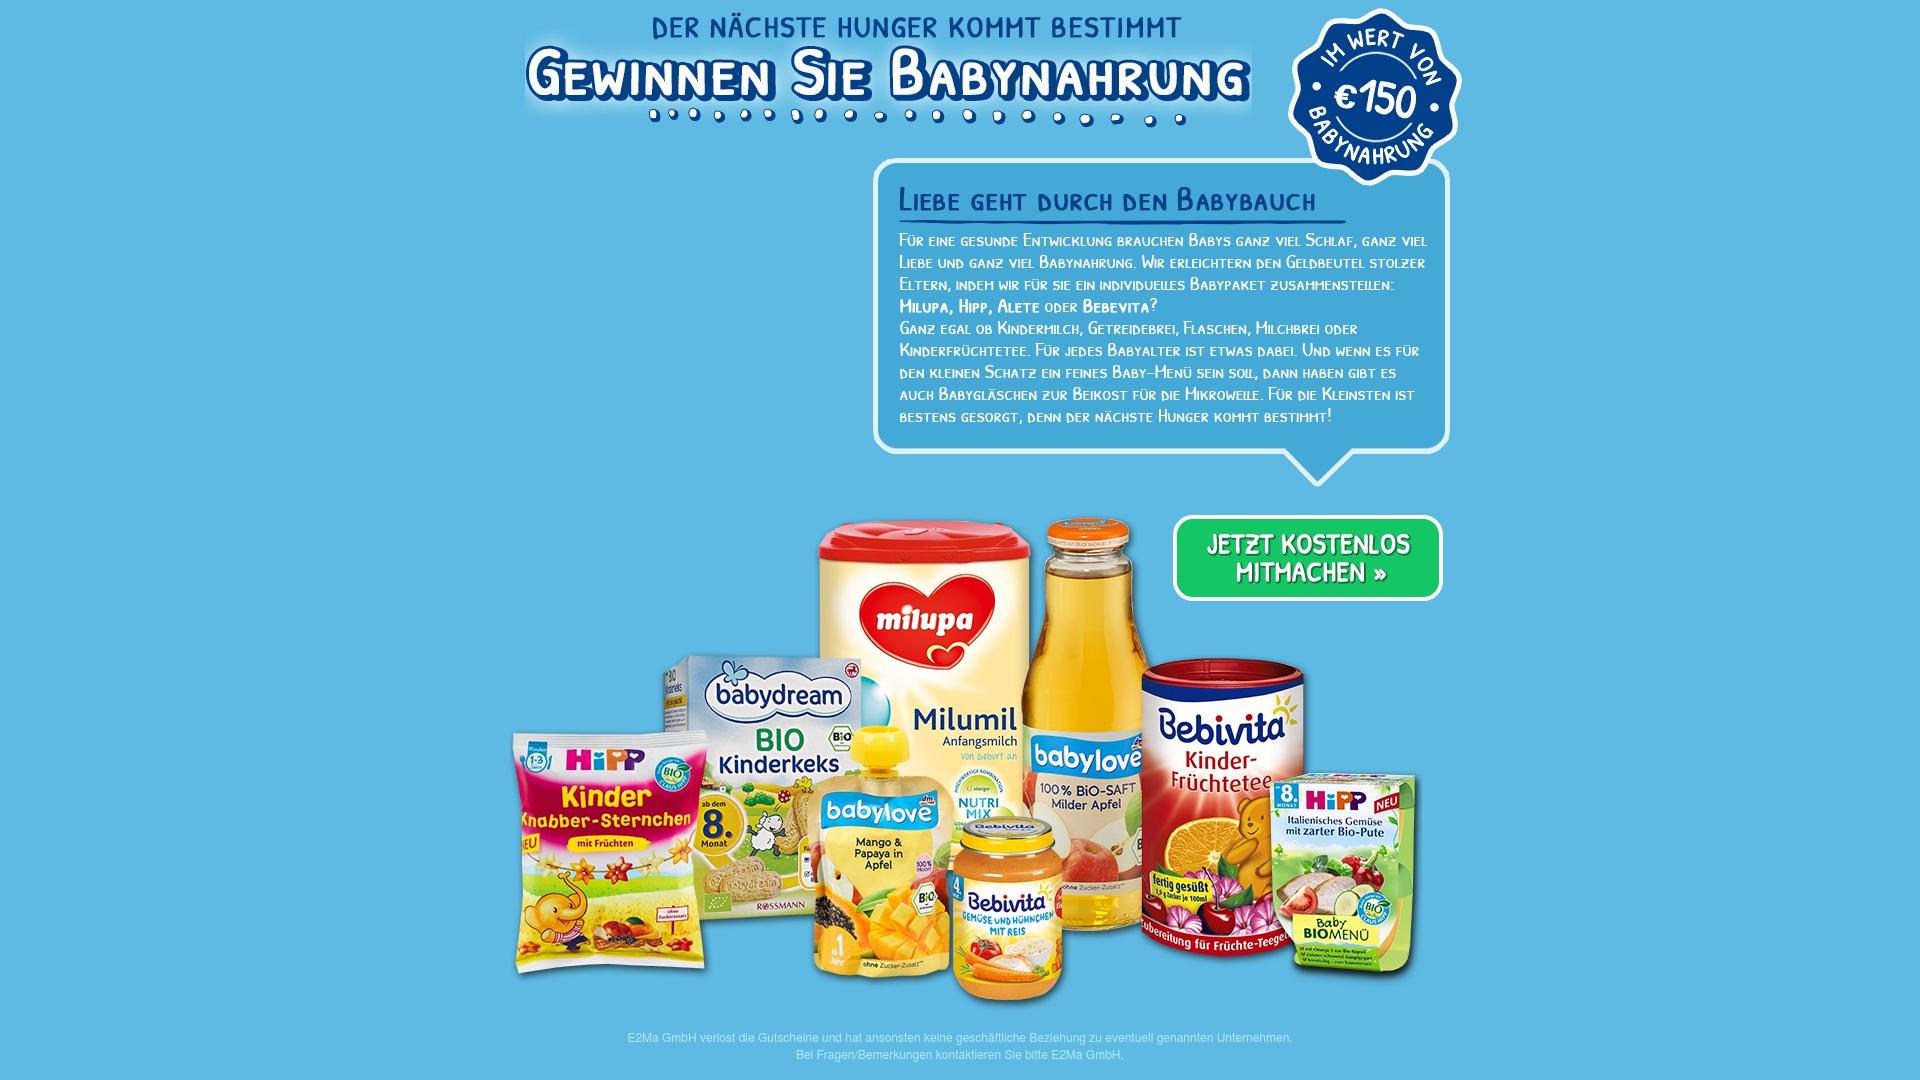 Gutschein für Babynahrung-gratis: Rabatte für  Babynahrung-gratis sichern